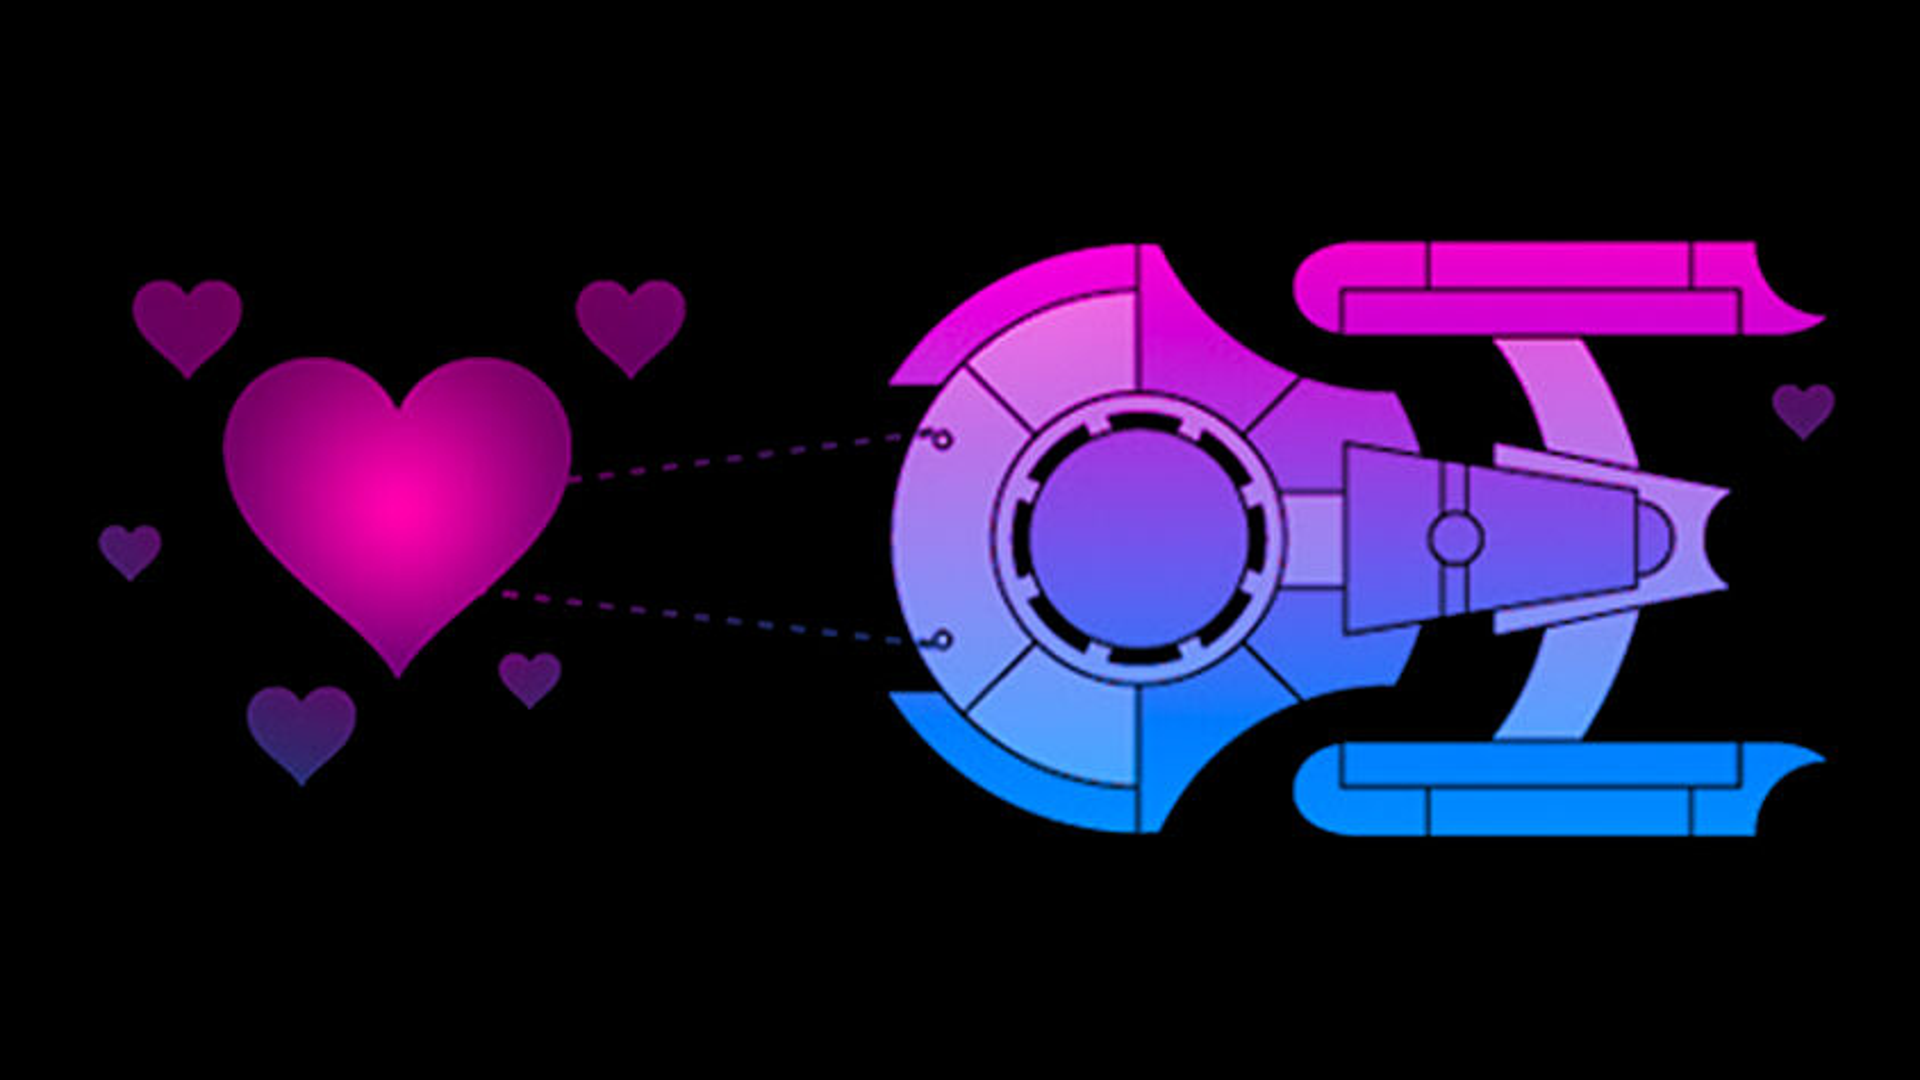 lasers-and-feelings-rpg-artwork.jpg